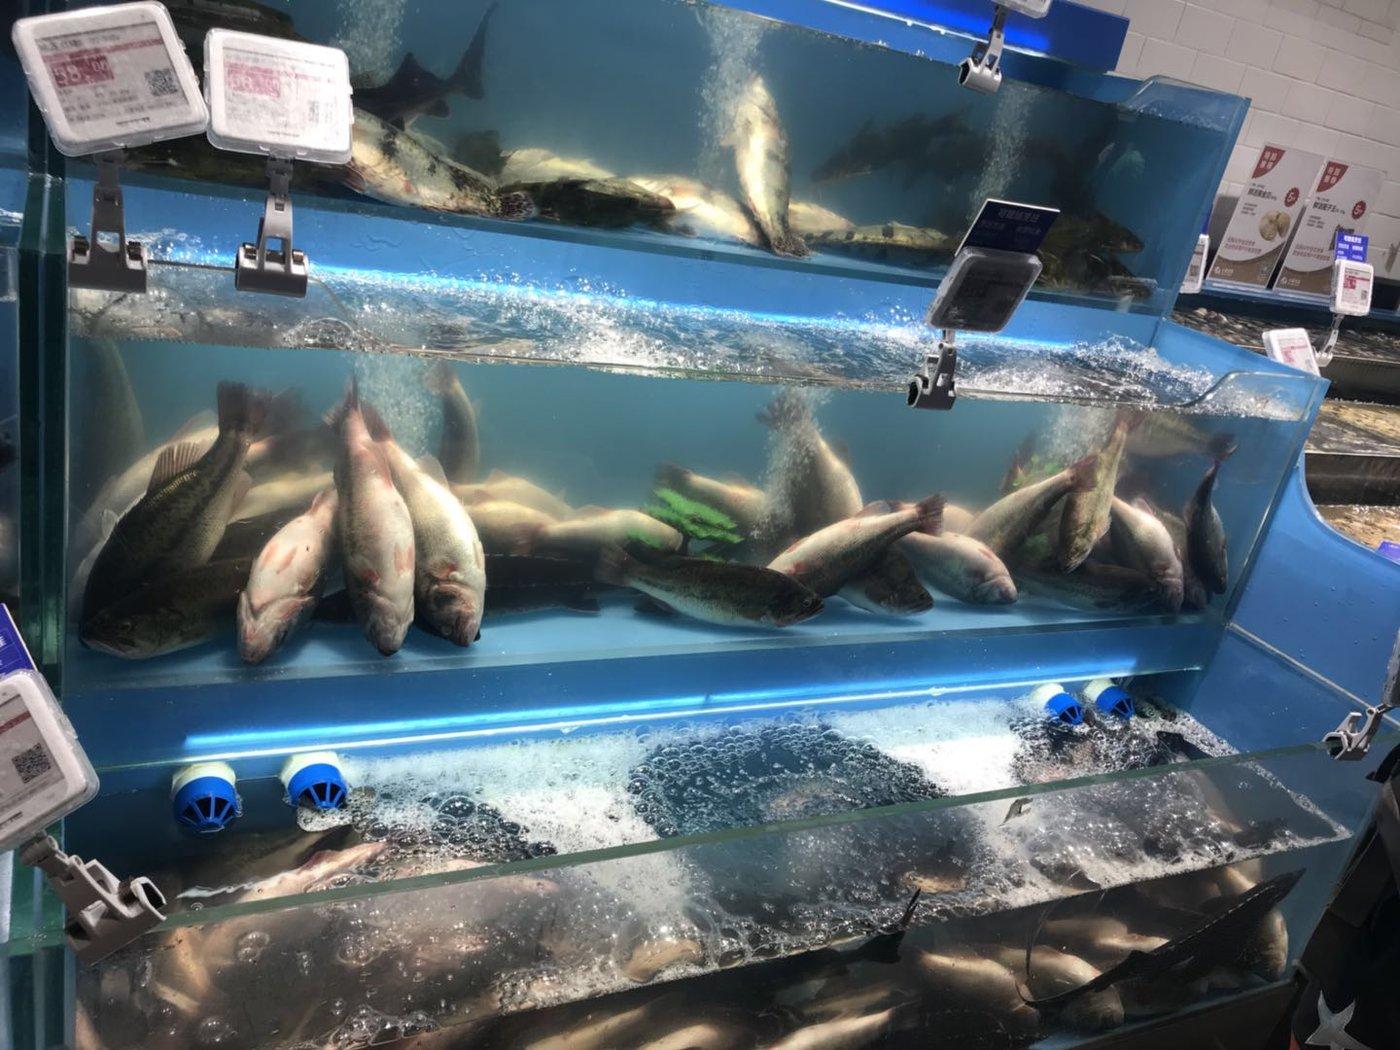 蓝鲸产经记者5月27日中午拍摄于小象生鲜方庄店